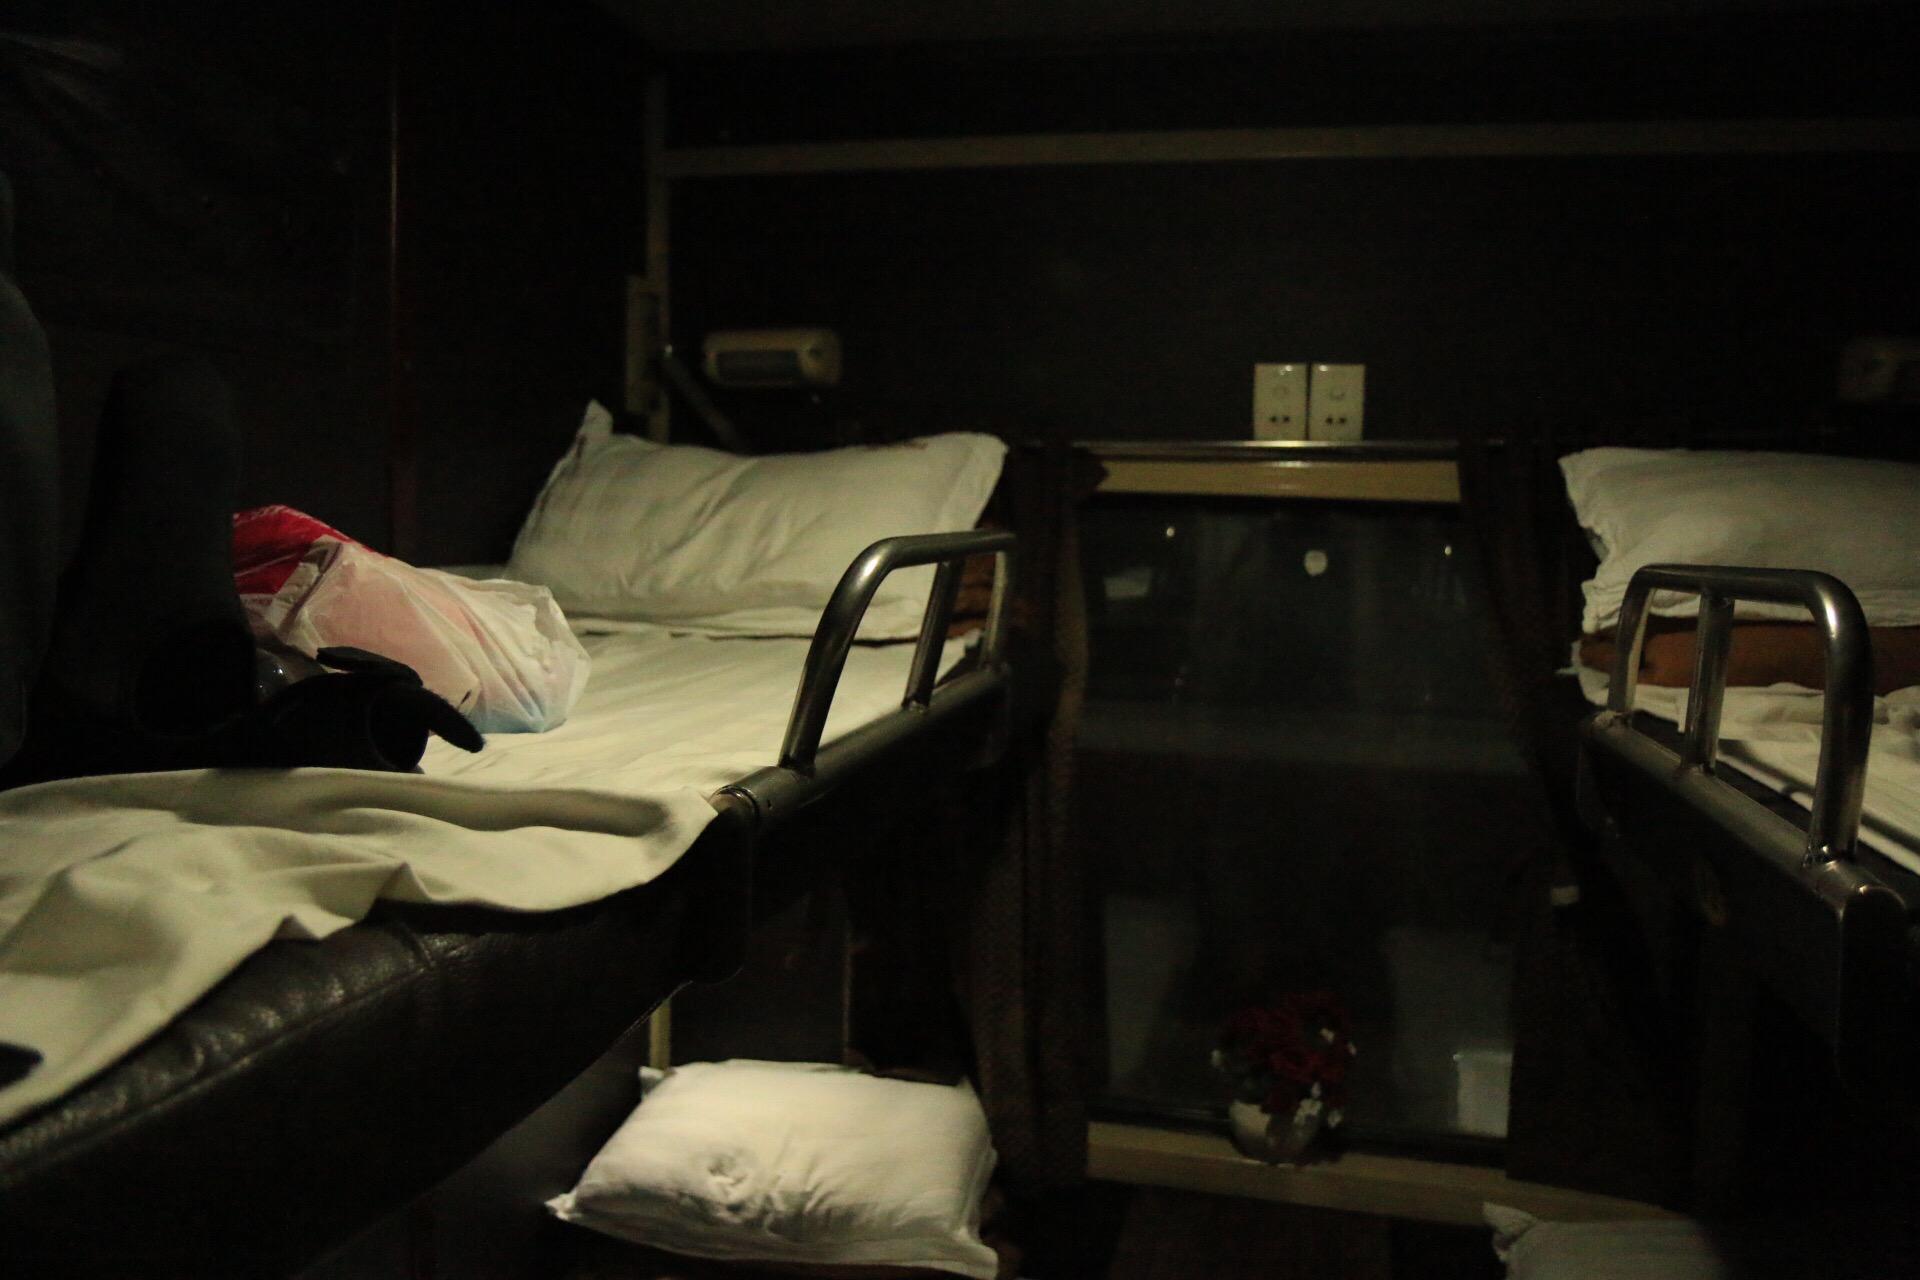 Mein 4er-Abteil im Nachtzug. Ich hatte das obere Bett gebucht.